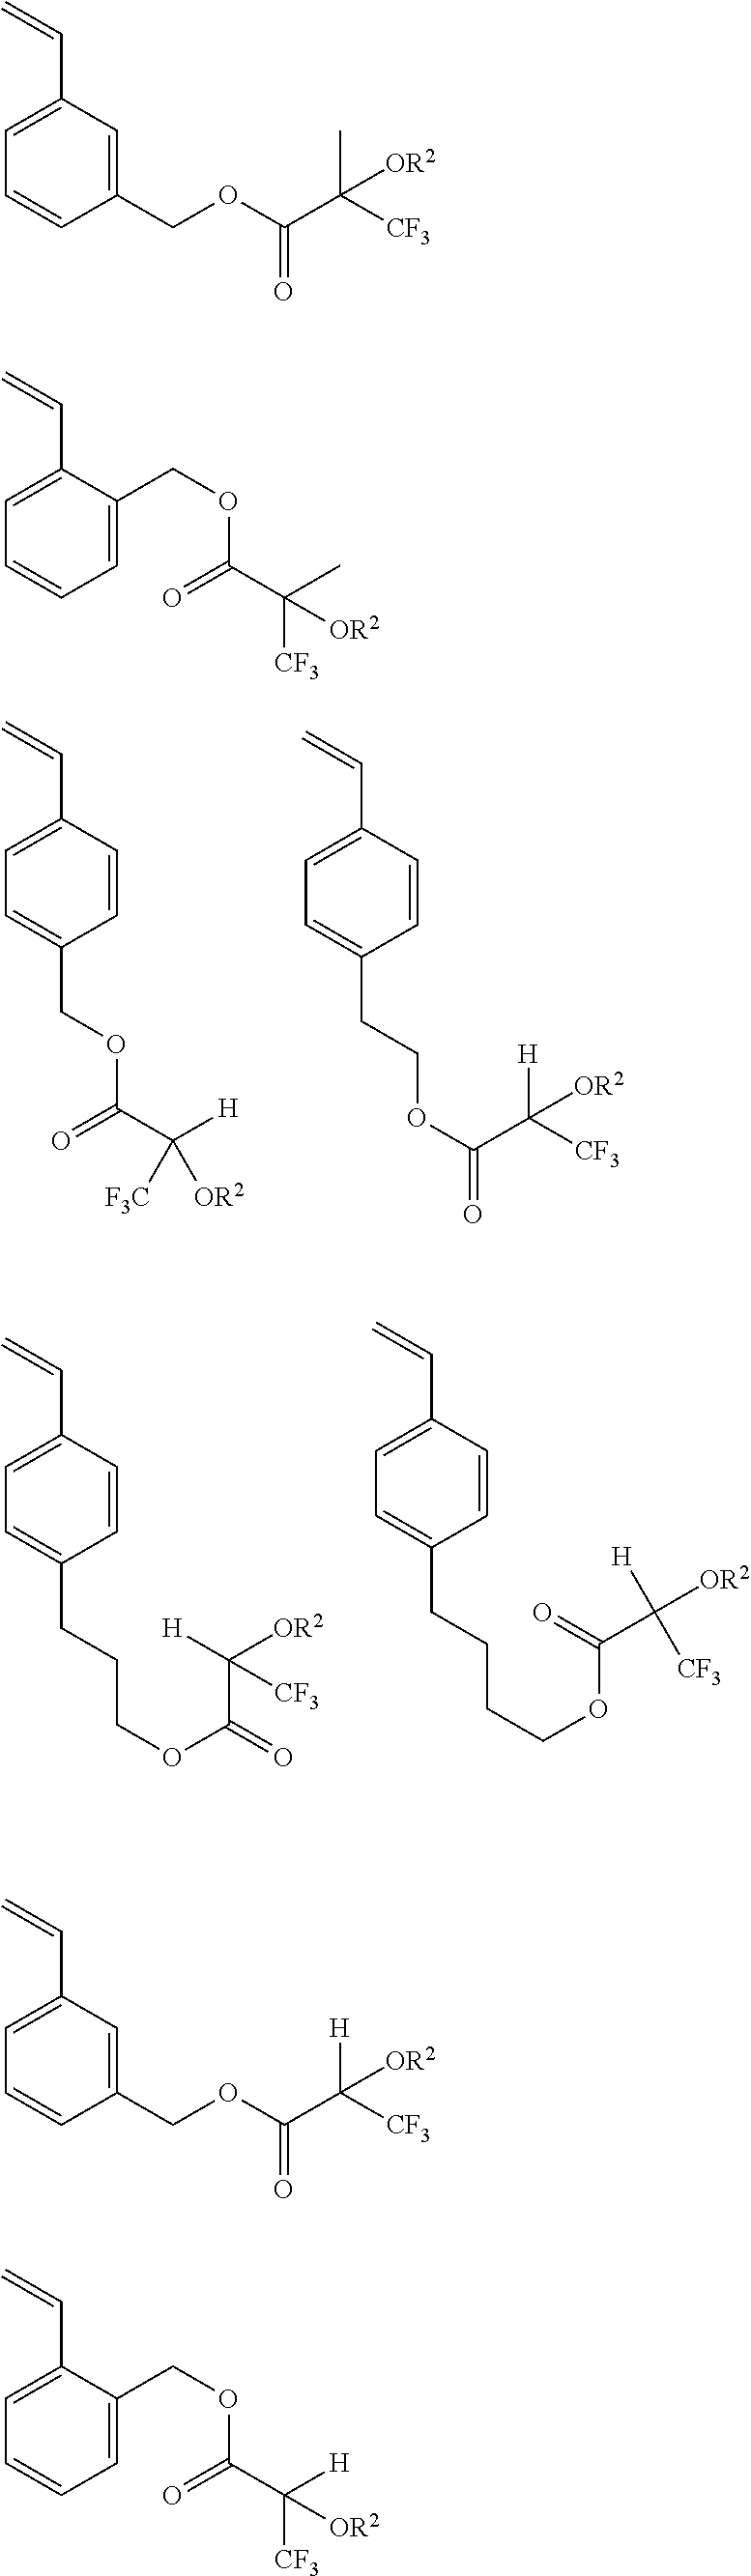 Figure US09040223-20150526-C00011